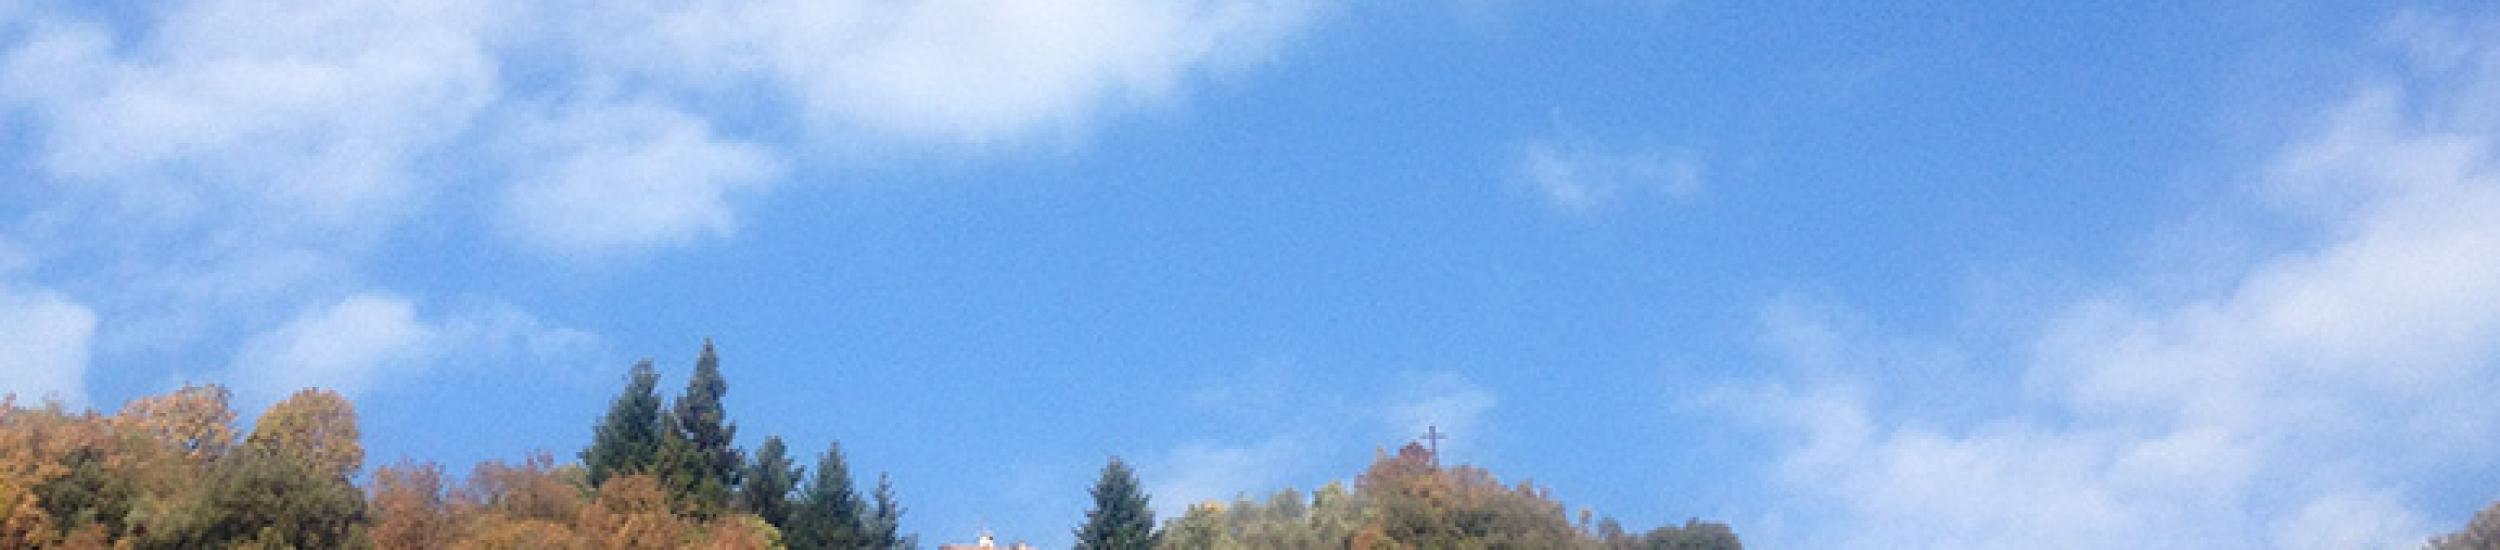 Cielo_sereno_con_nuvole